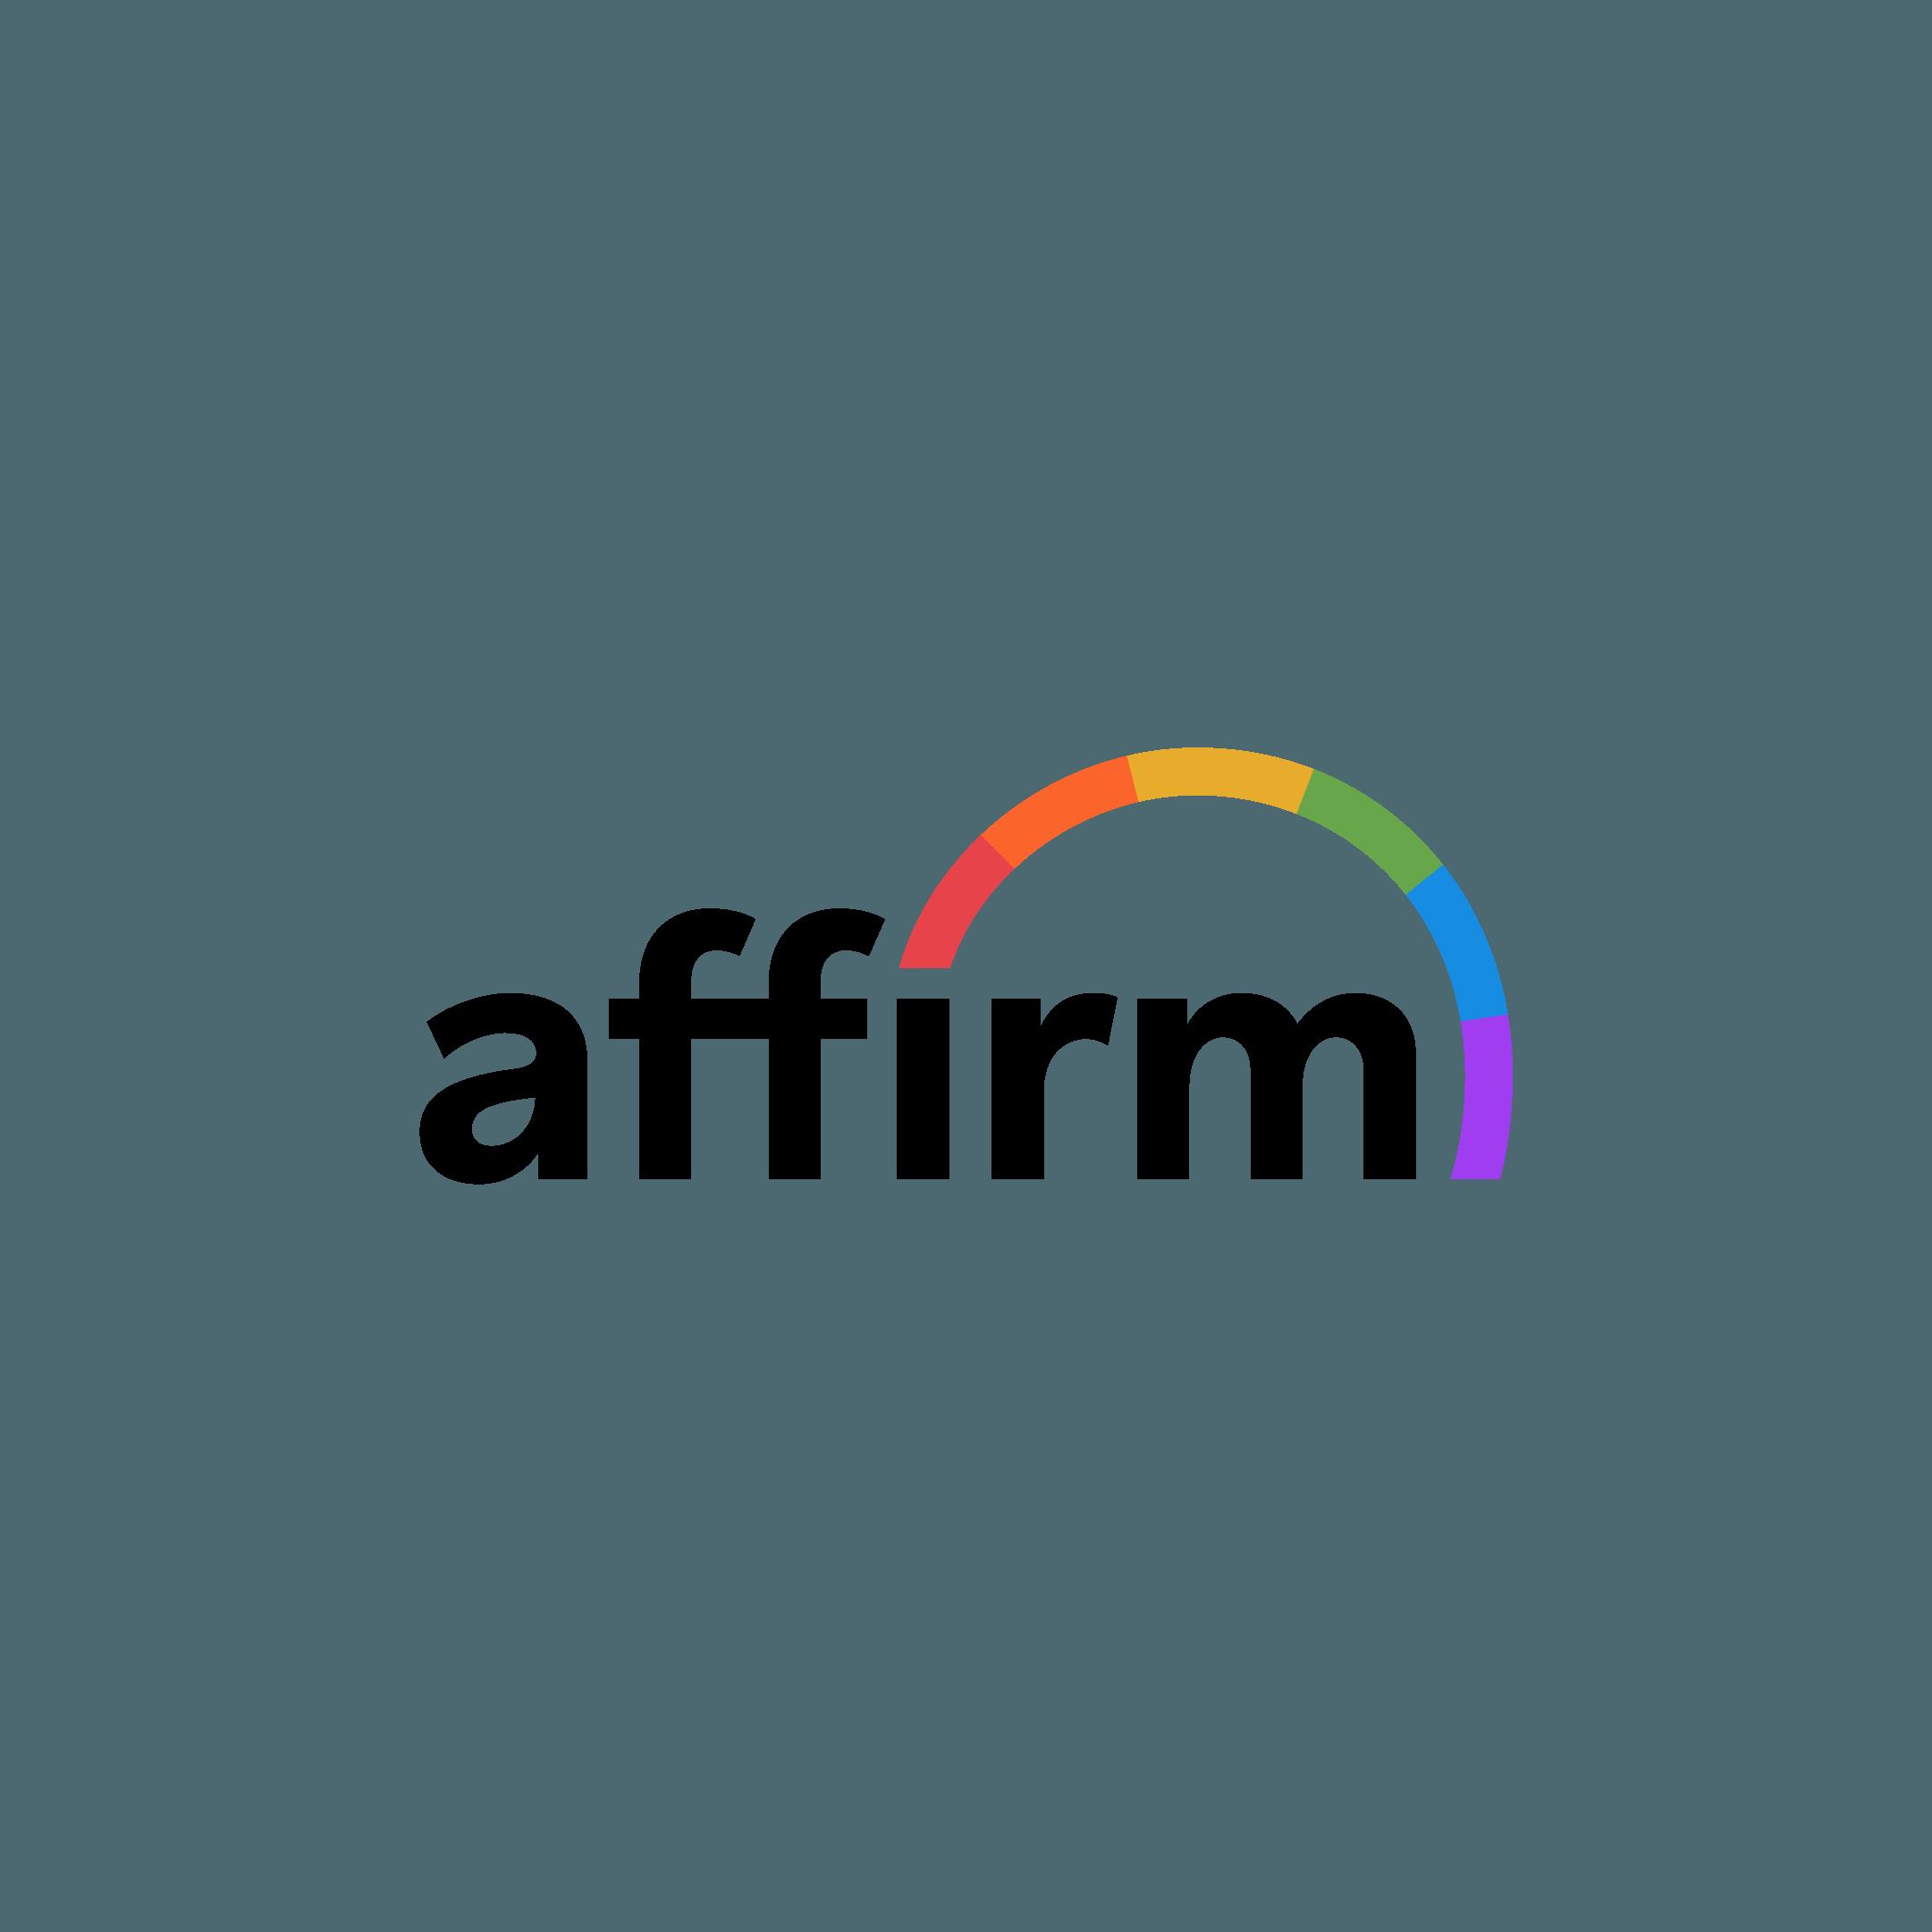 Affirm jobs